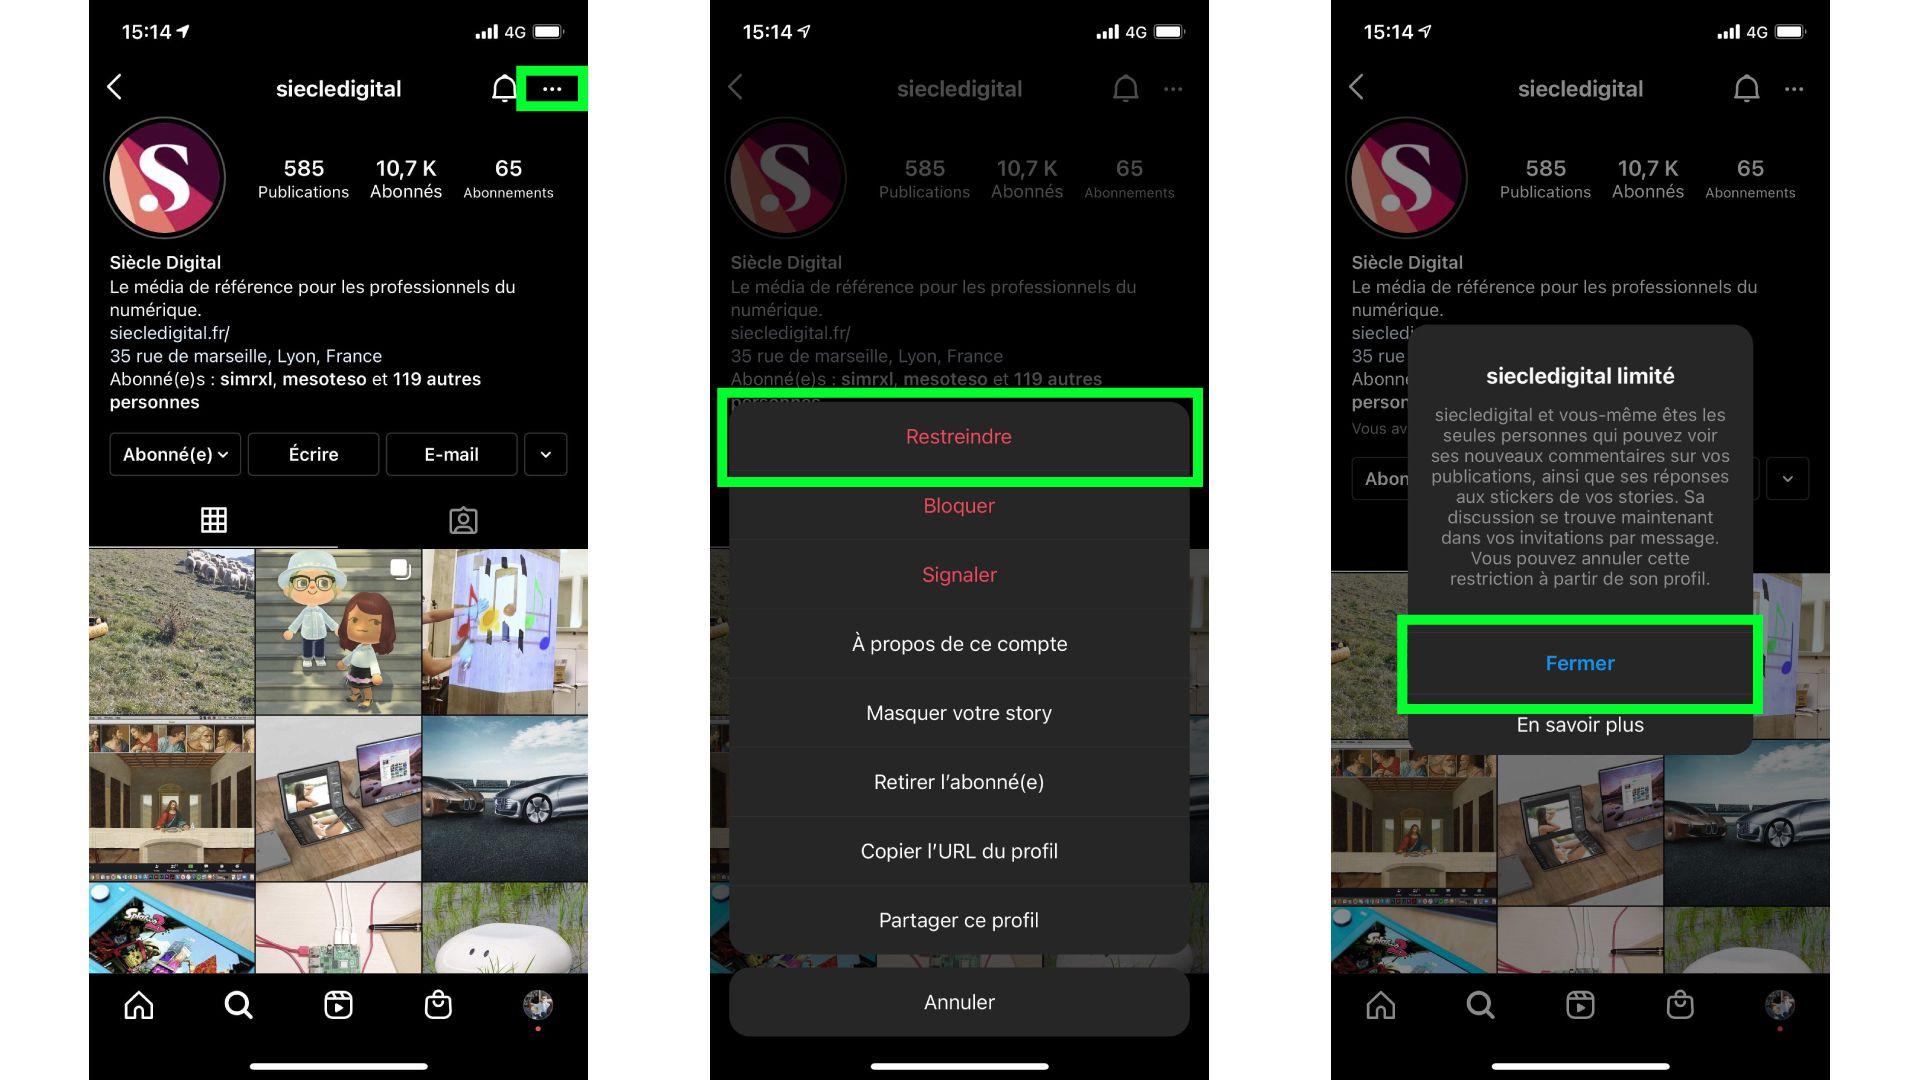 captures d'écran de l'application iOS d'Instagram présentant les étapes pour restreindre ou bloquer un utilisateur